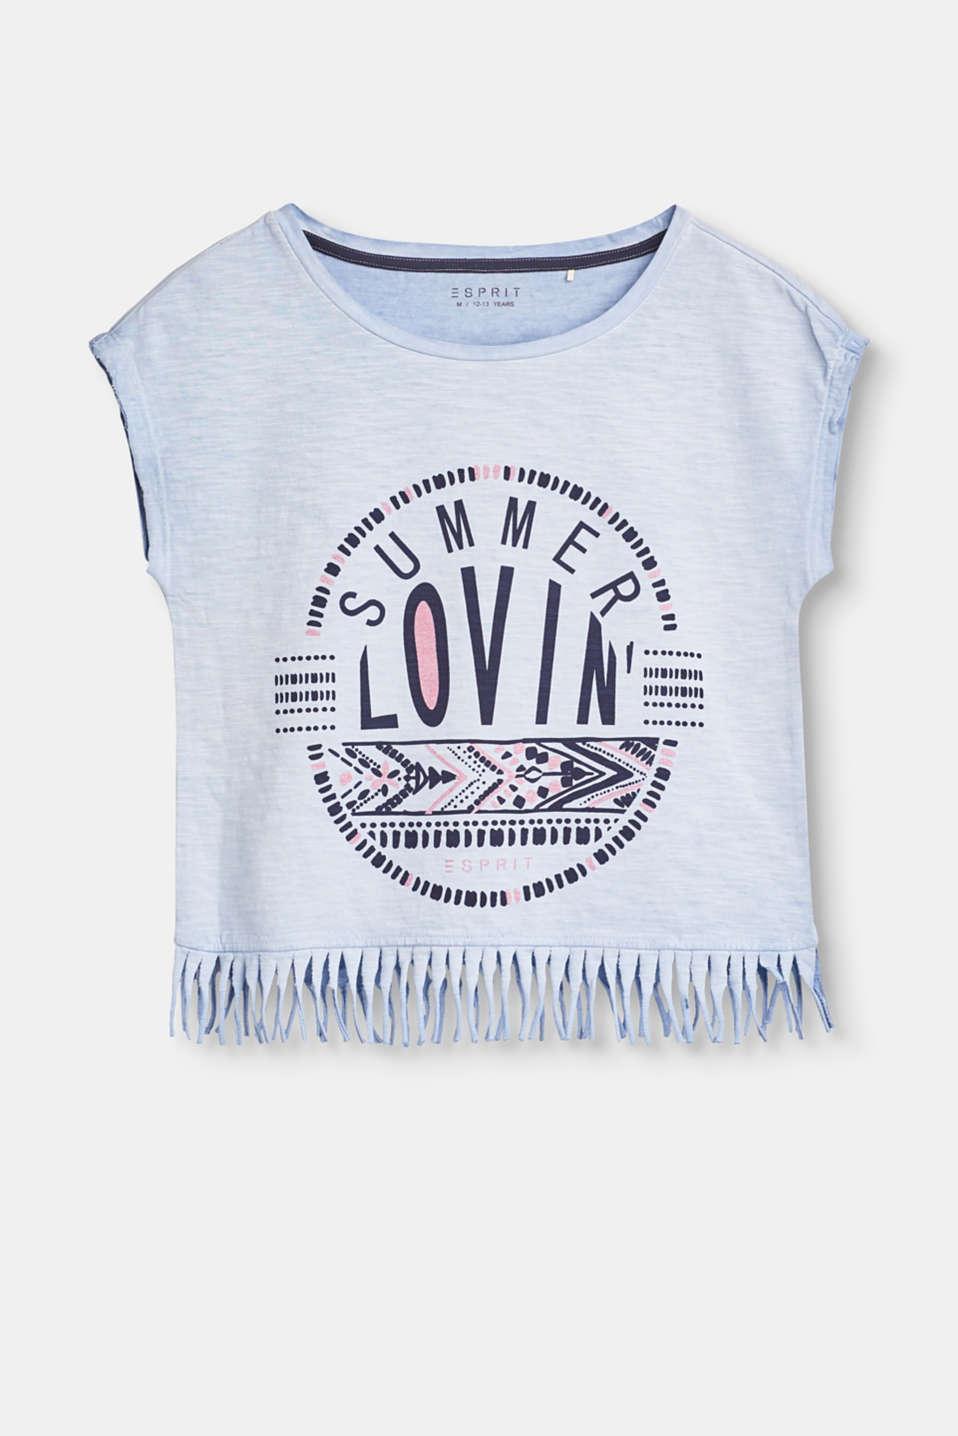 esprit kurzes baumwoll shirt mit fransen saum im online shop kaufen. Black Bedroom Furniture Sets. Home Design Ideas